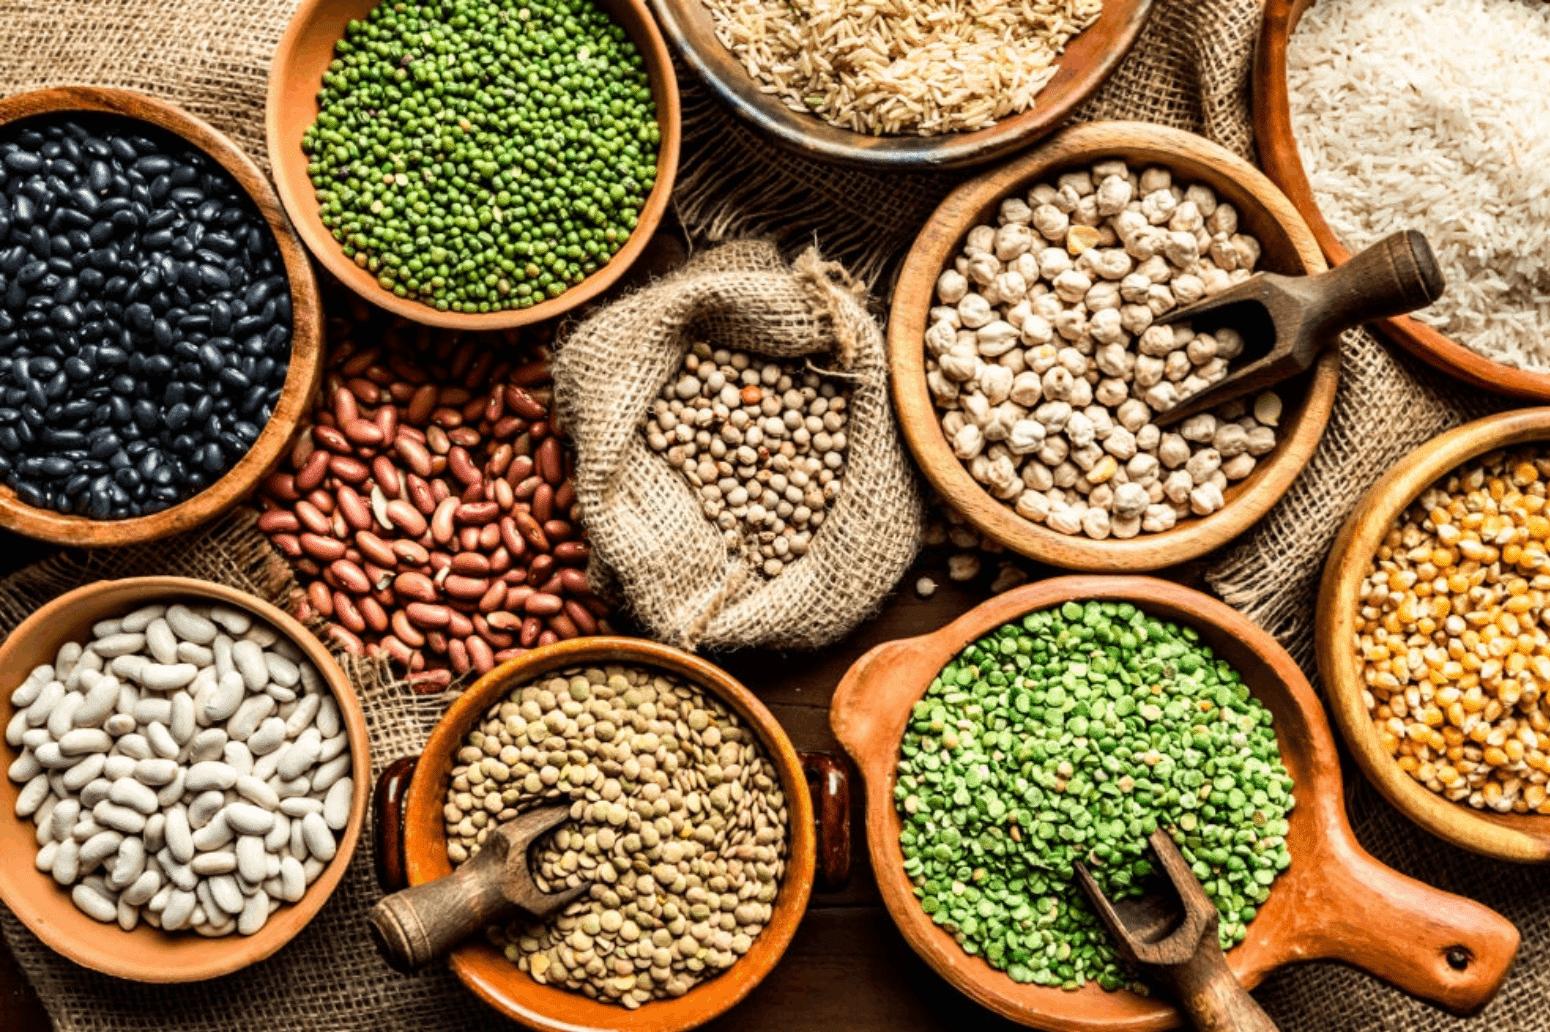 Las legumbres son una de las mejores fuentes de proteínas de origen vegetal.